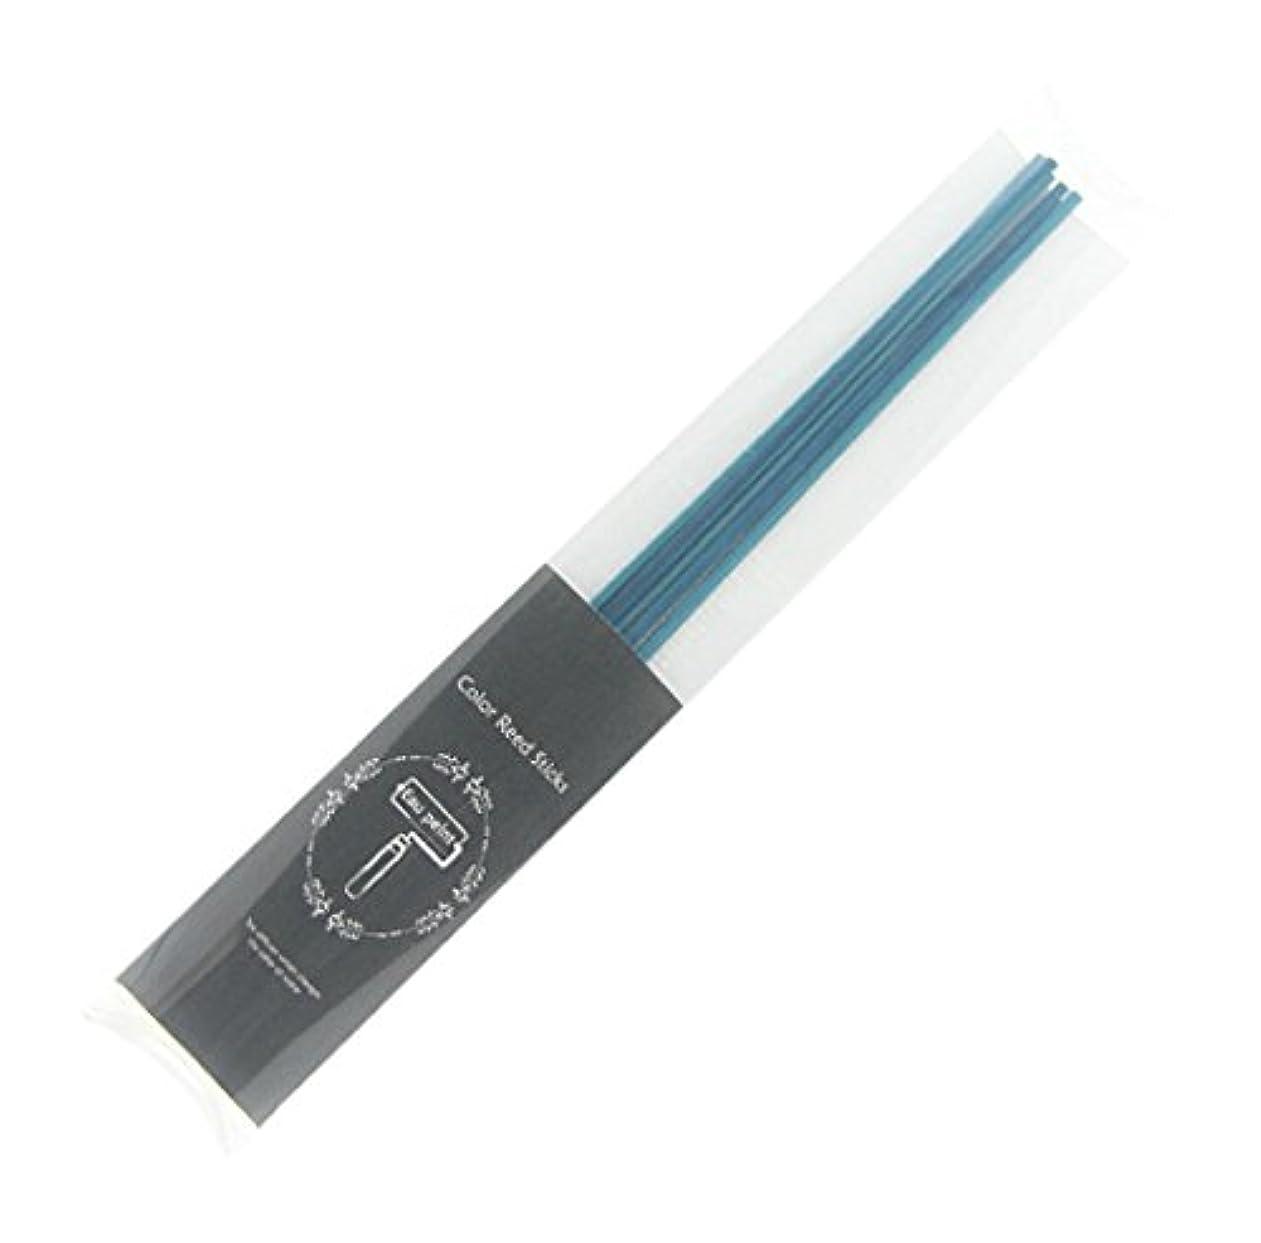 生き物血まみれのトランザクションEau peint mais+ カラースティック リードディフューザー用スティック 5本入 ブルー Blue オーペイント マイス